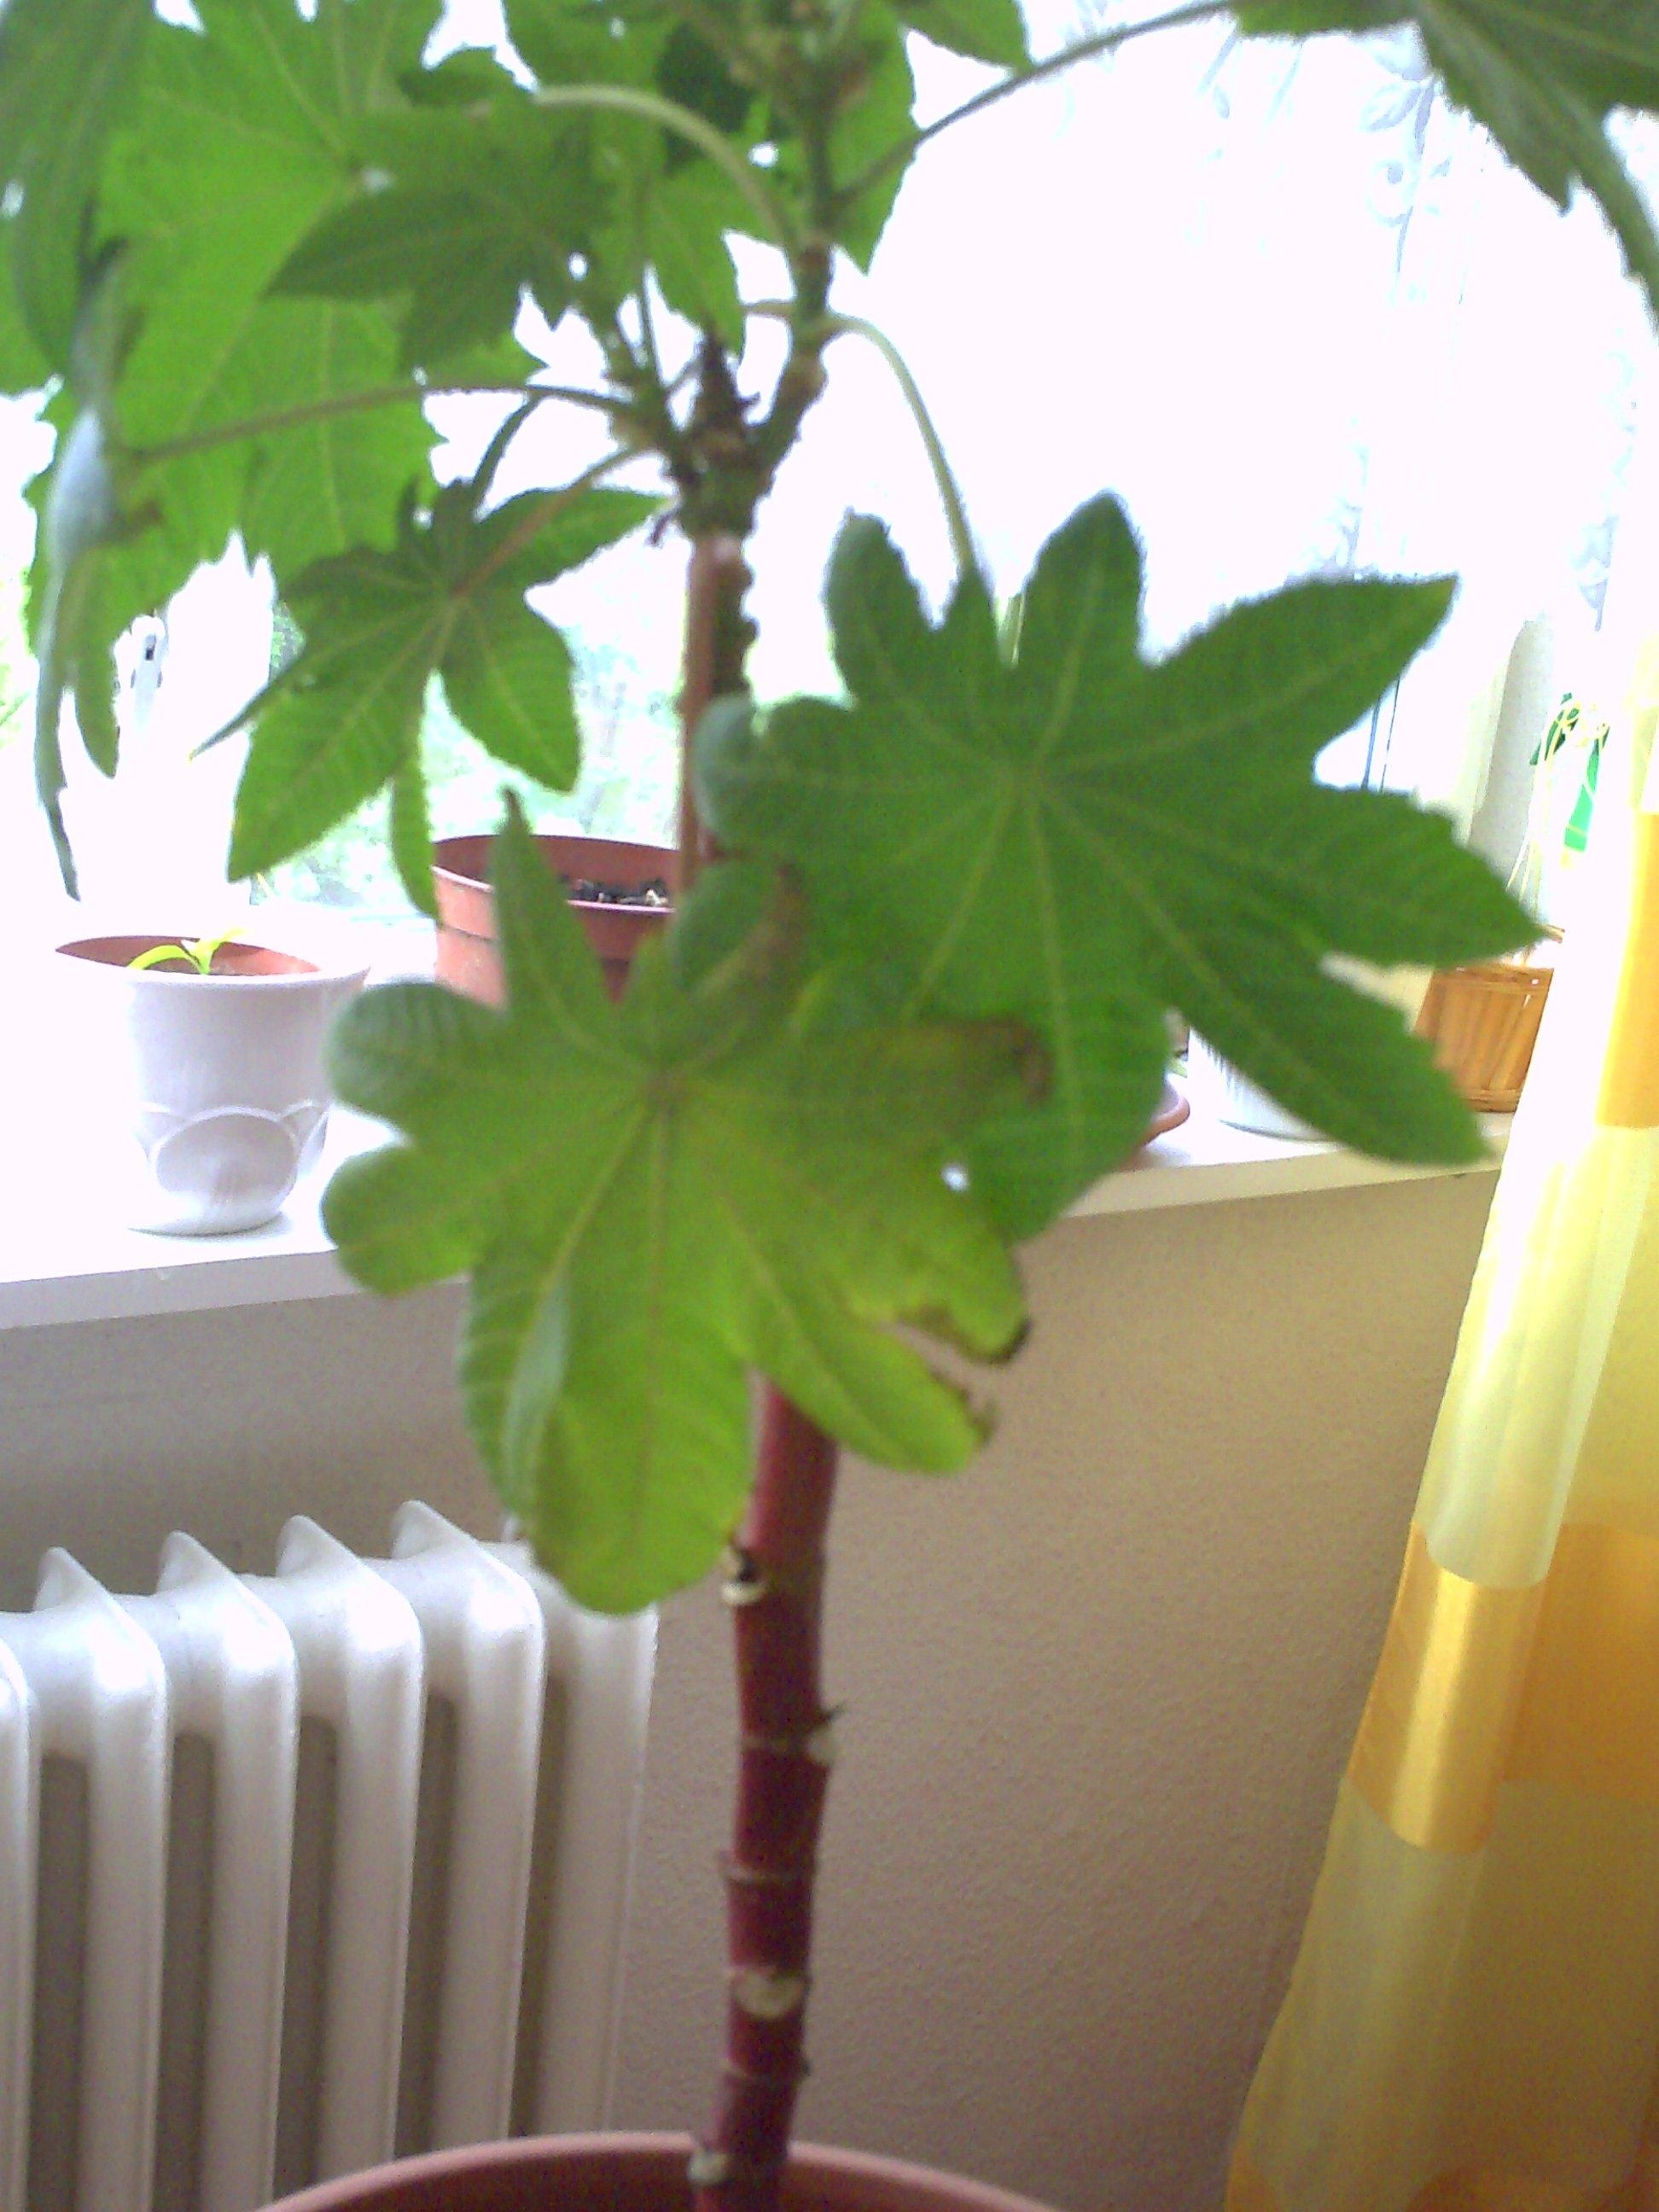 rizinuspflanze vom vorjahr gerettet jetzt fallen bl tter ab was tun garten blumen exoten. Black Bedroom Furniture Sets. Home Design Ideas